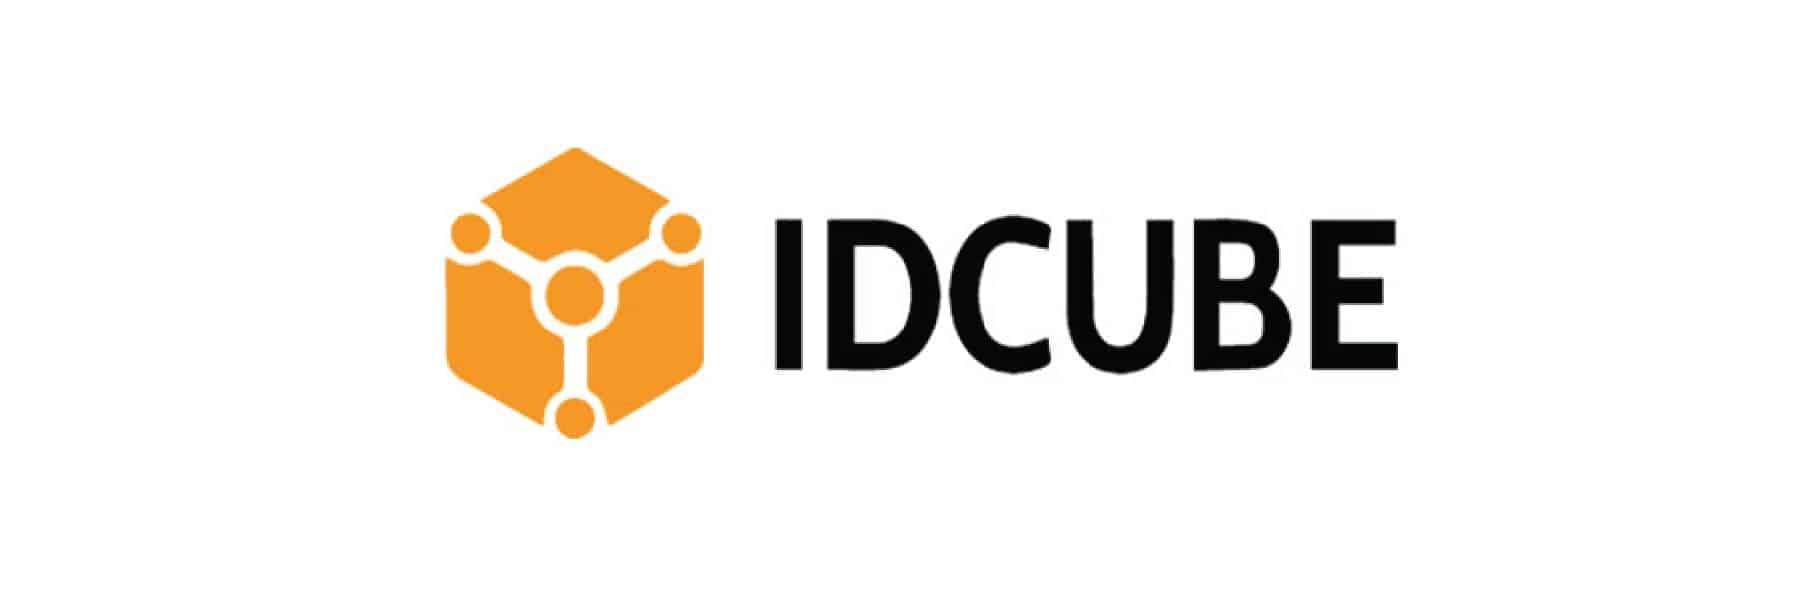 idcube